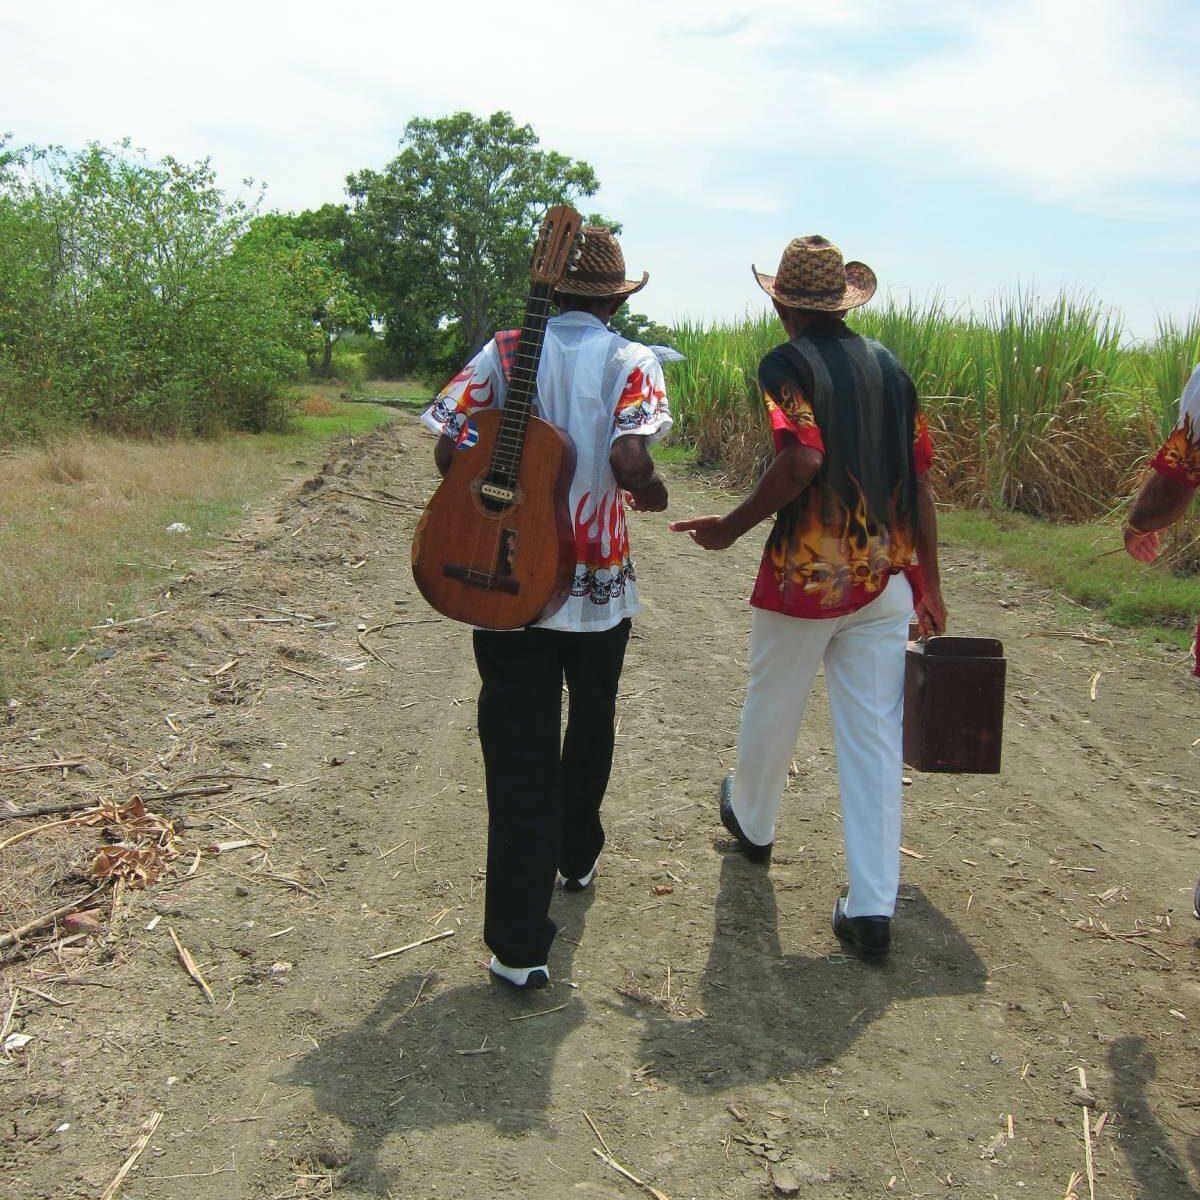 Pedro et Argelio Vera en route pour un concert